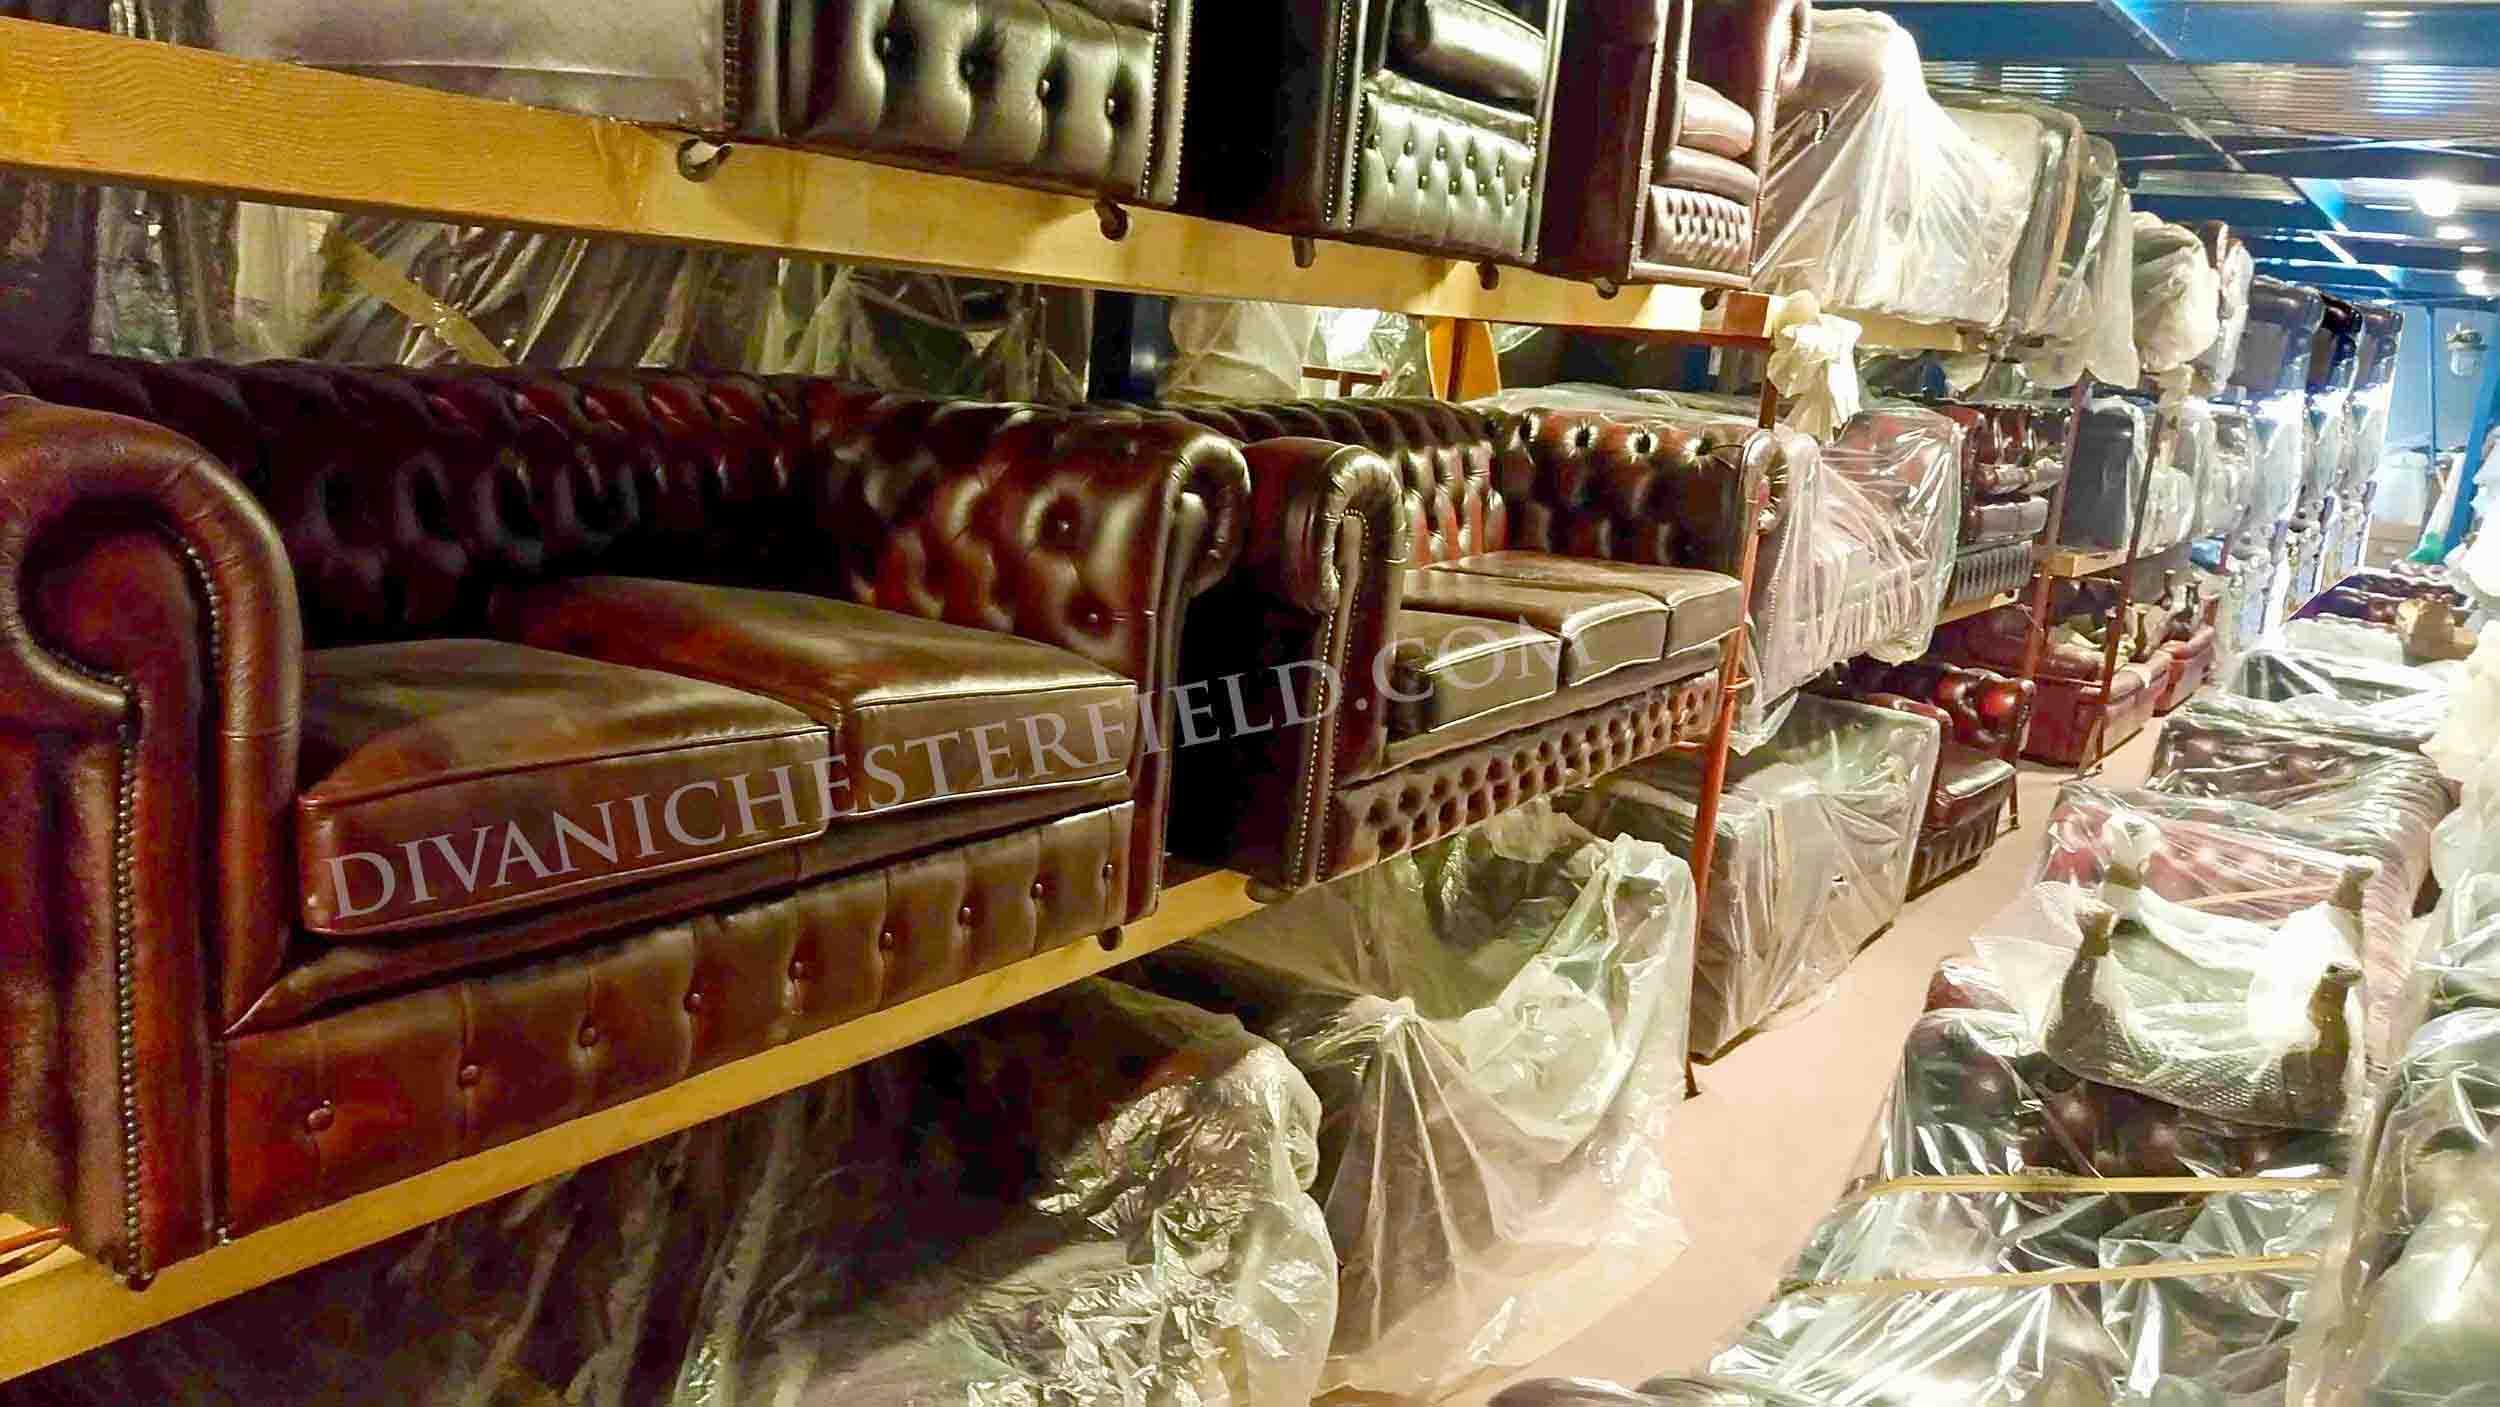 Divano chester poltrona chesterfield milano roma vendita for Divani inglesi chesterfield prezzi